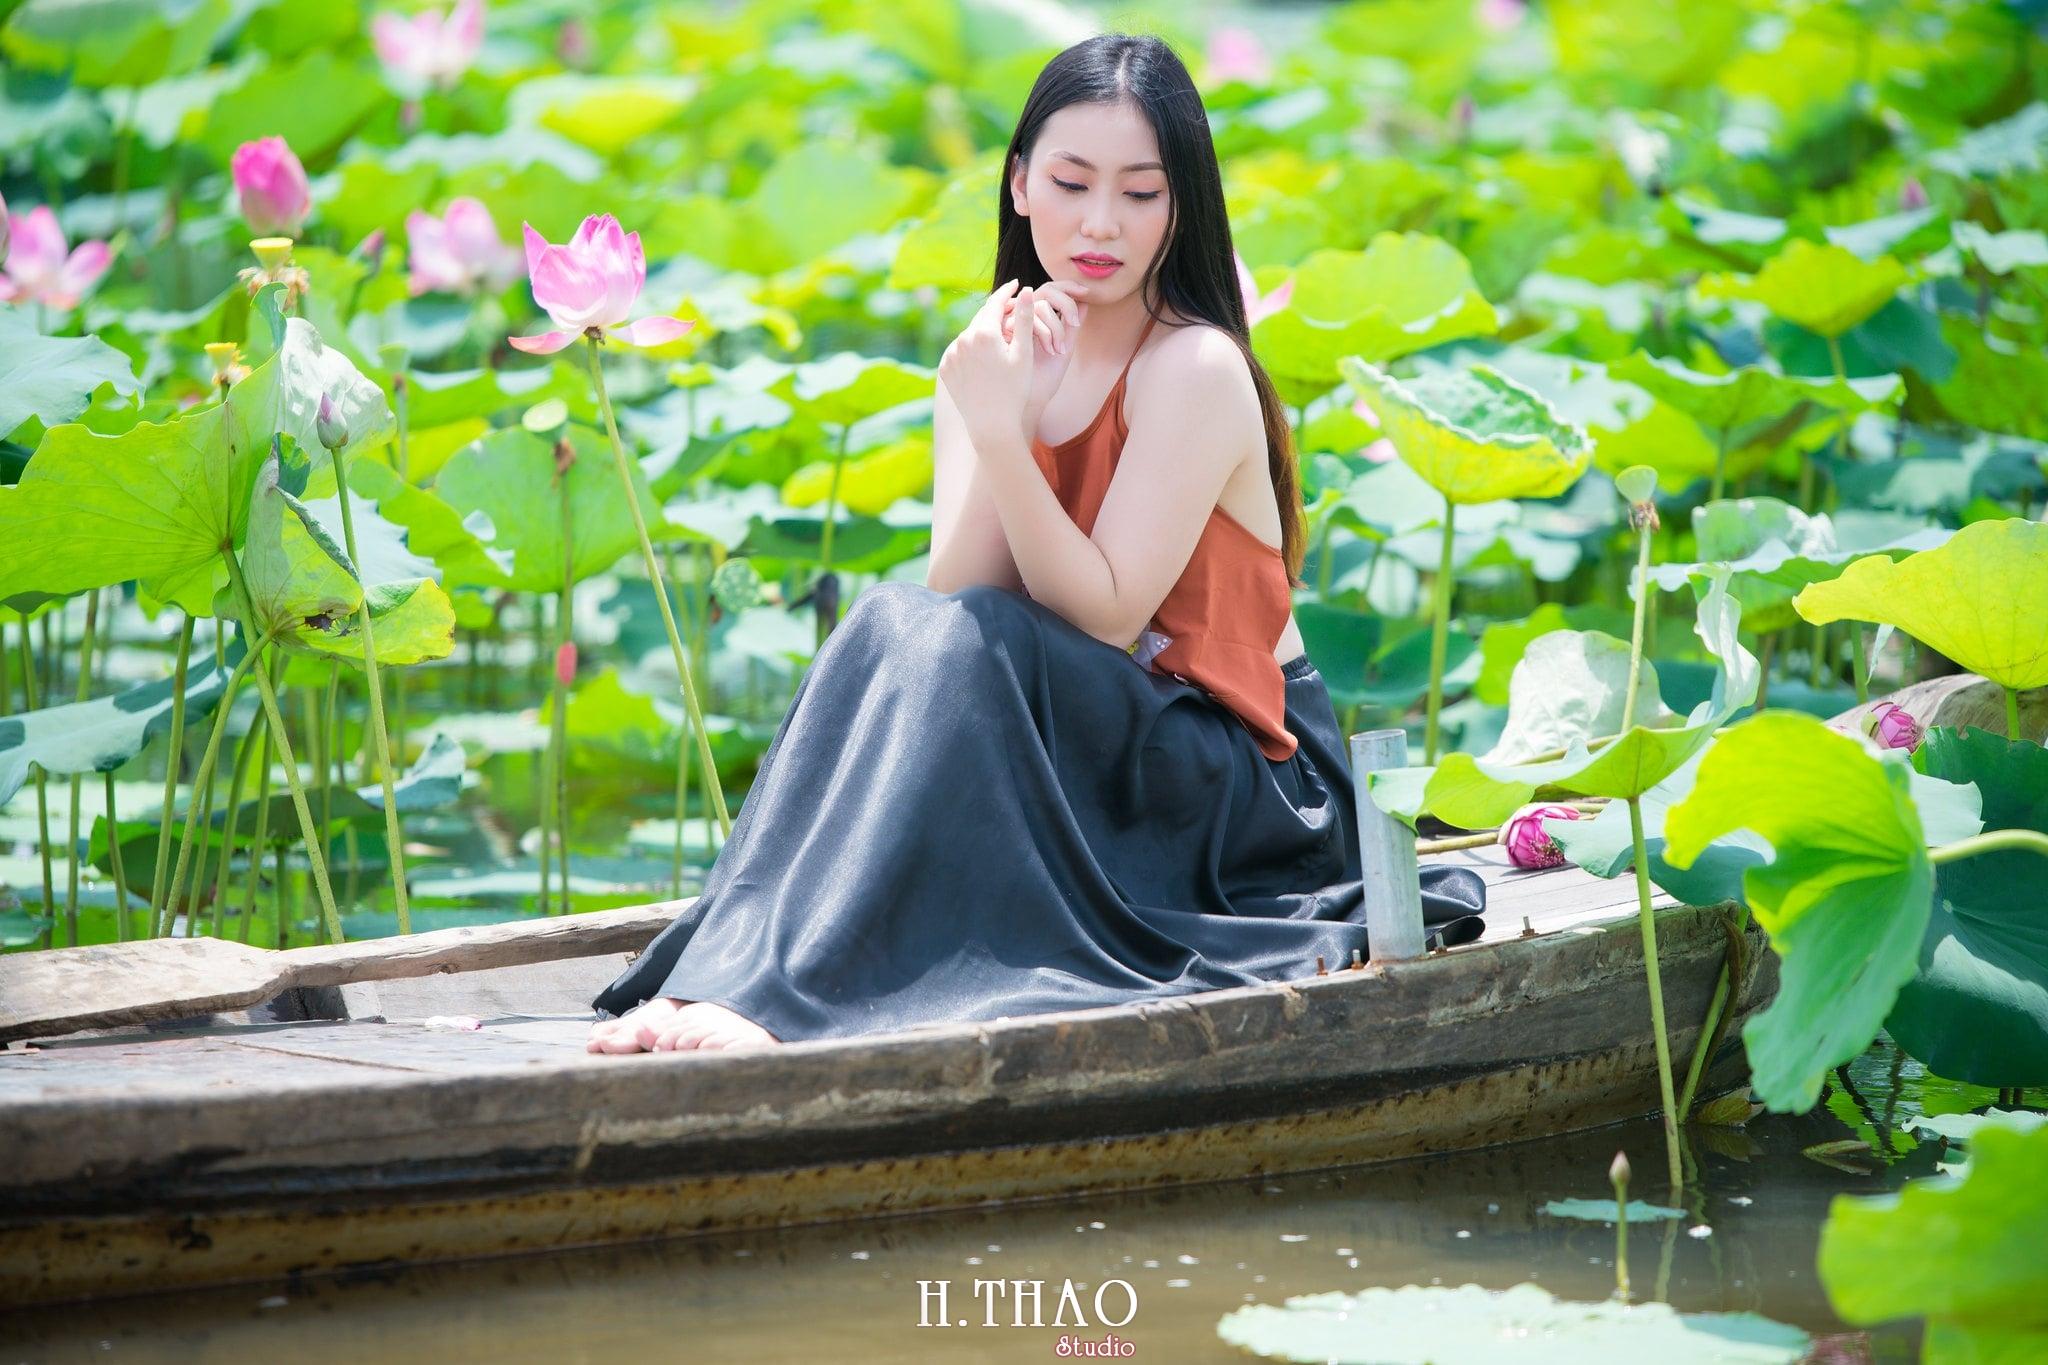 ao yem hoa sen 18 - Album ảnh chụp áo yếm với hoa sen đẹp dịu dàng - HThao Studio